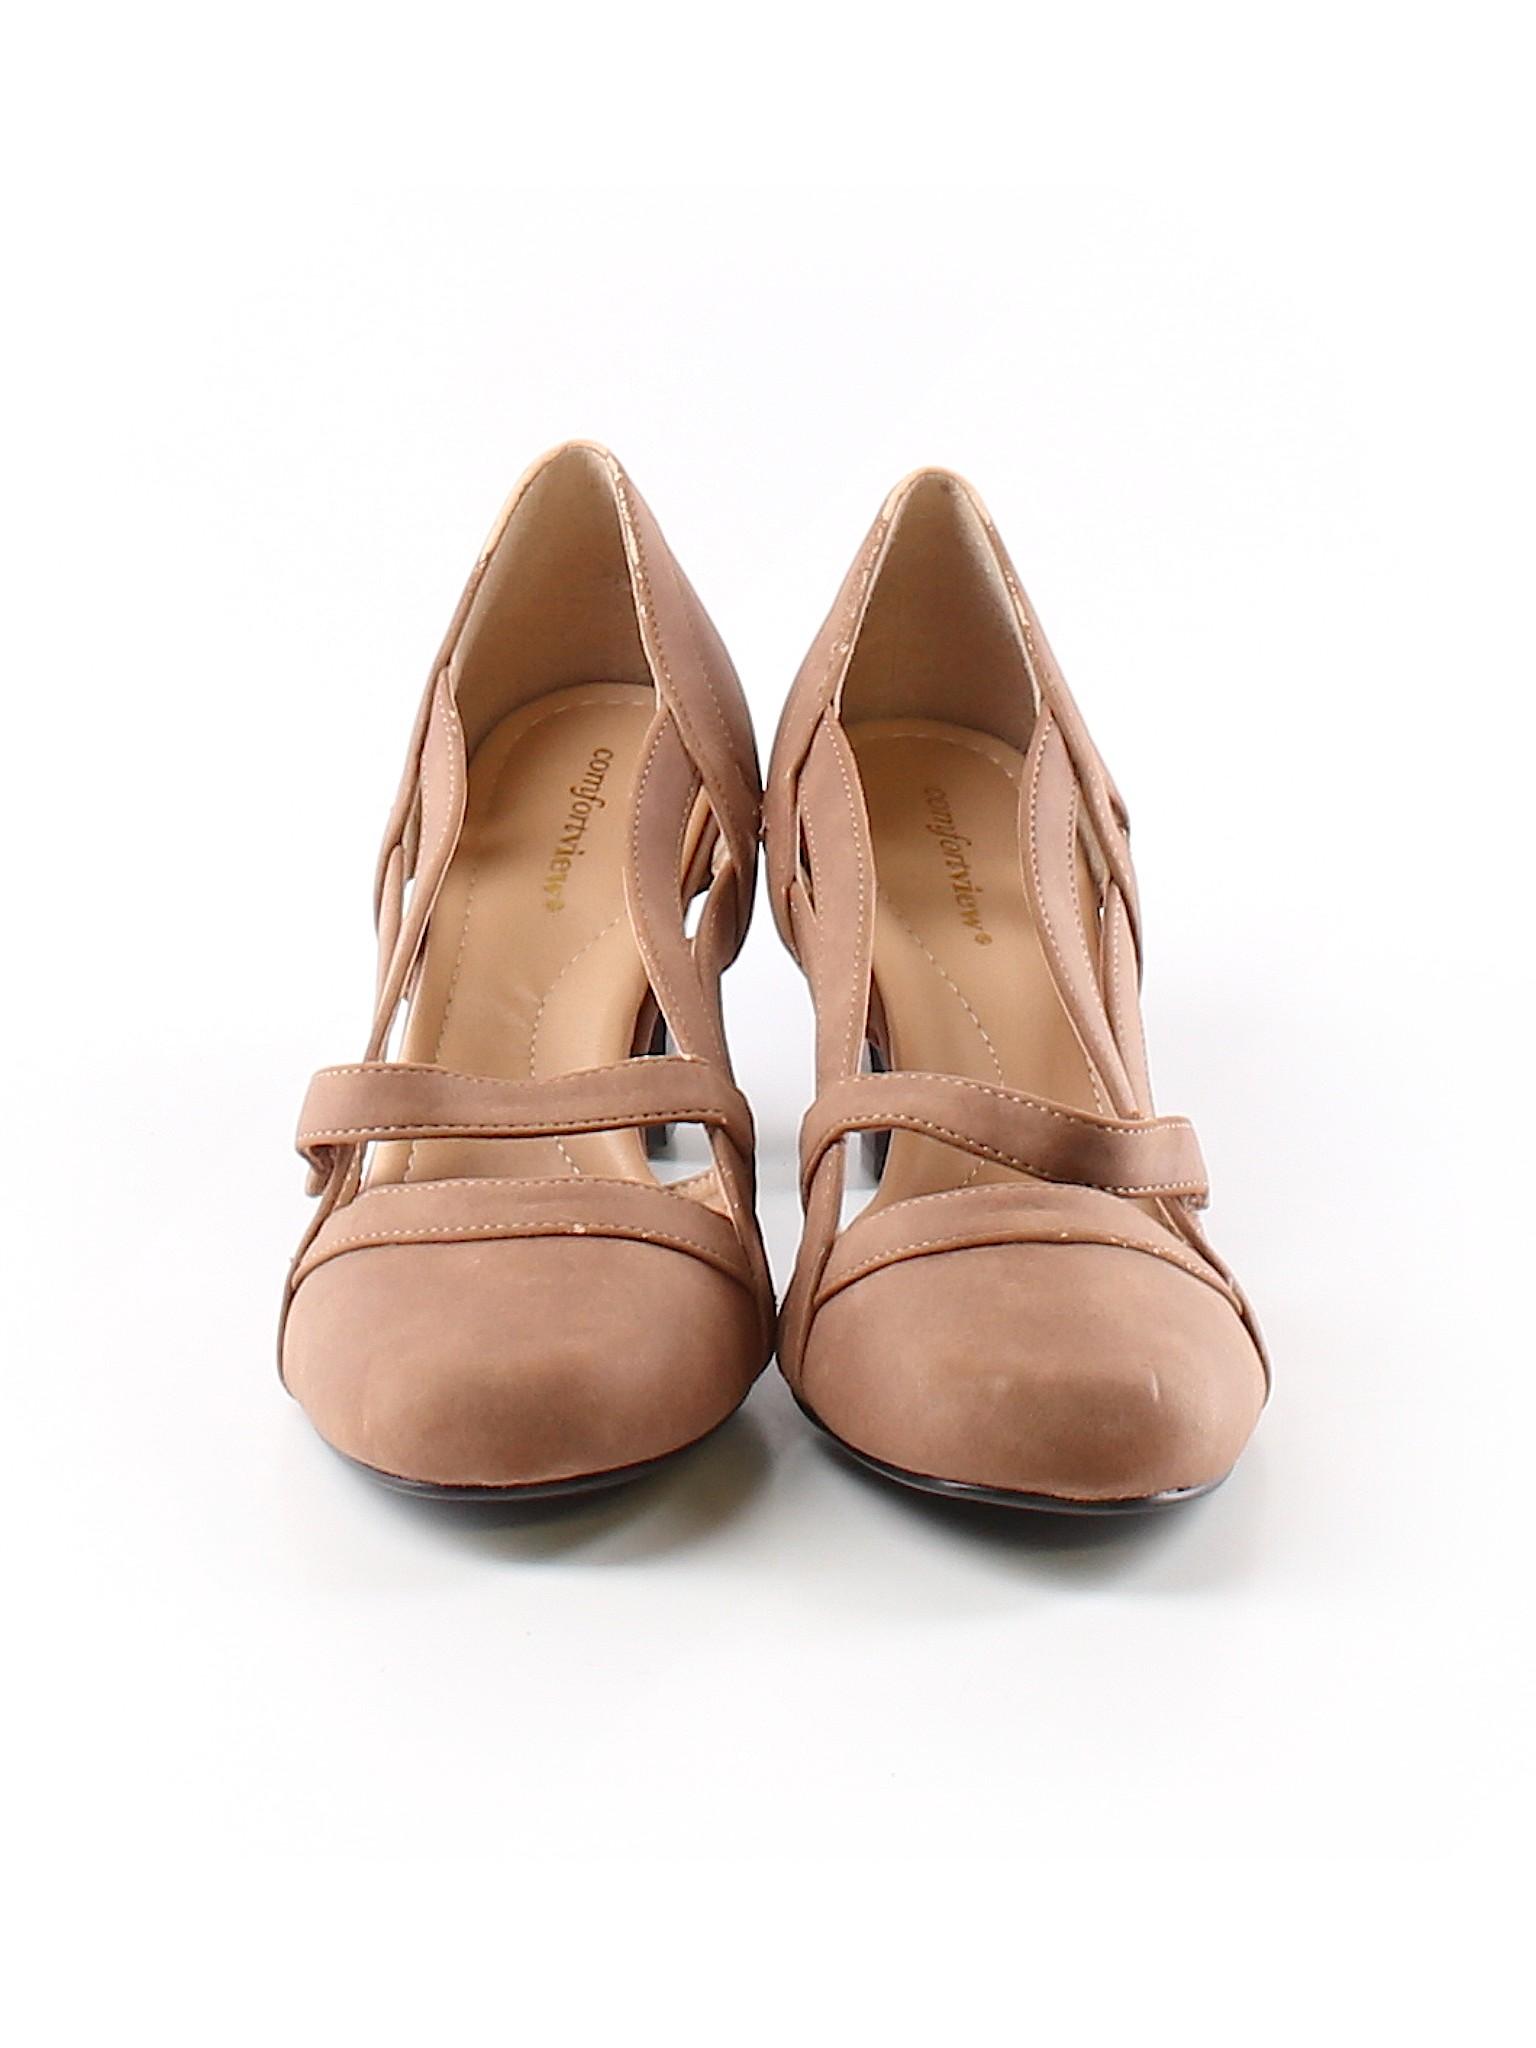 Boutique promotion promotion promotion Heels Heels Heels Comfortview Comfortview Boutique Boutique Comfortview Boutique W8zypz4qc